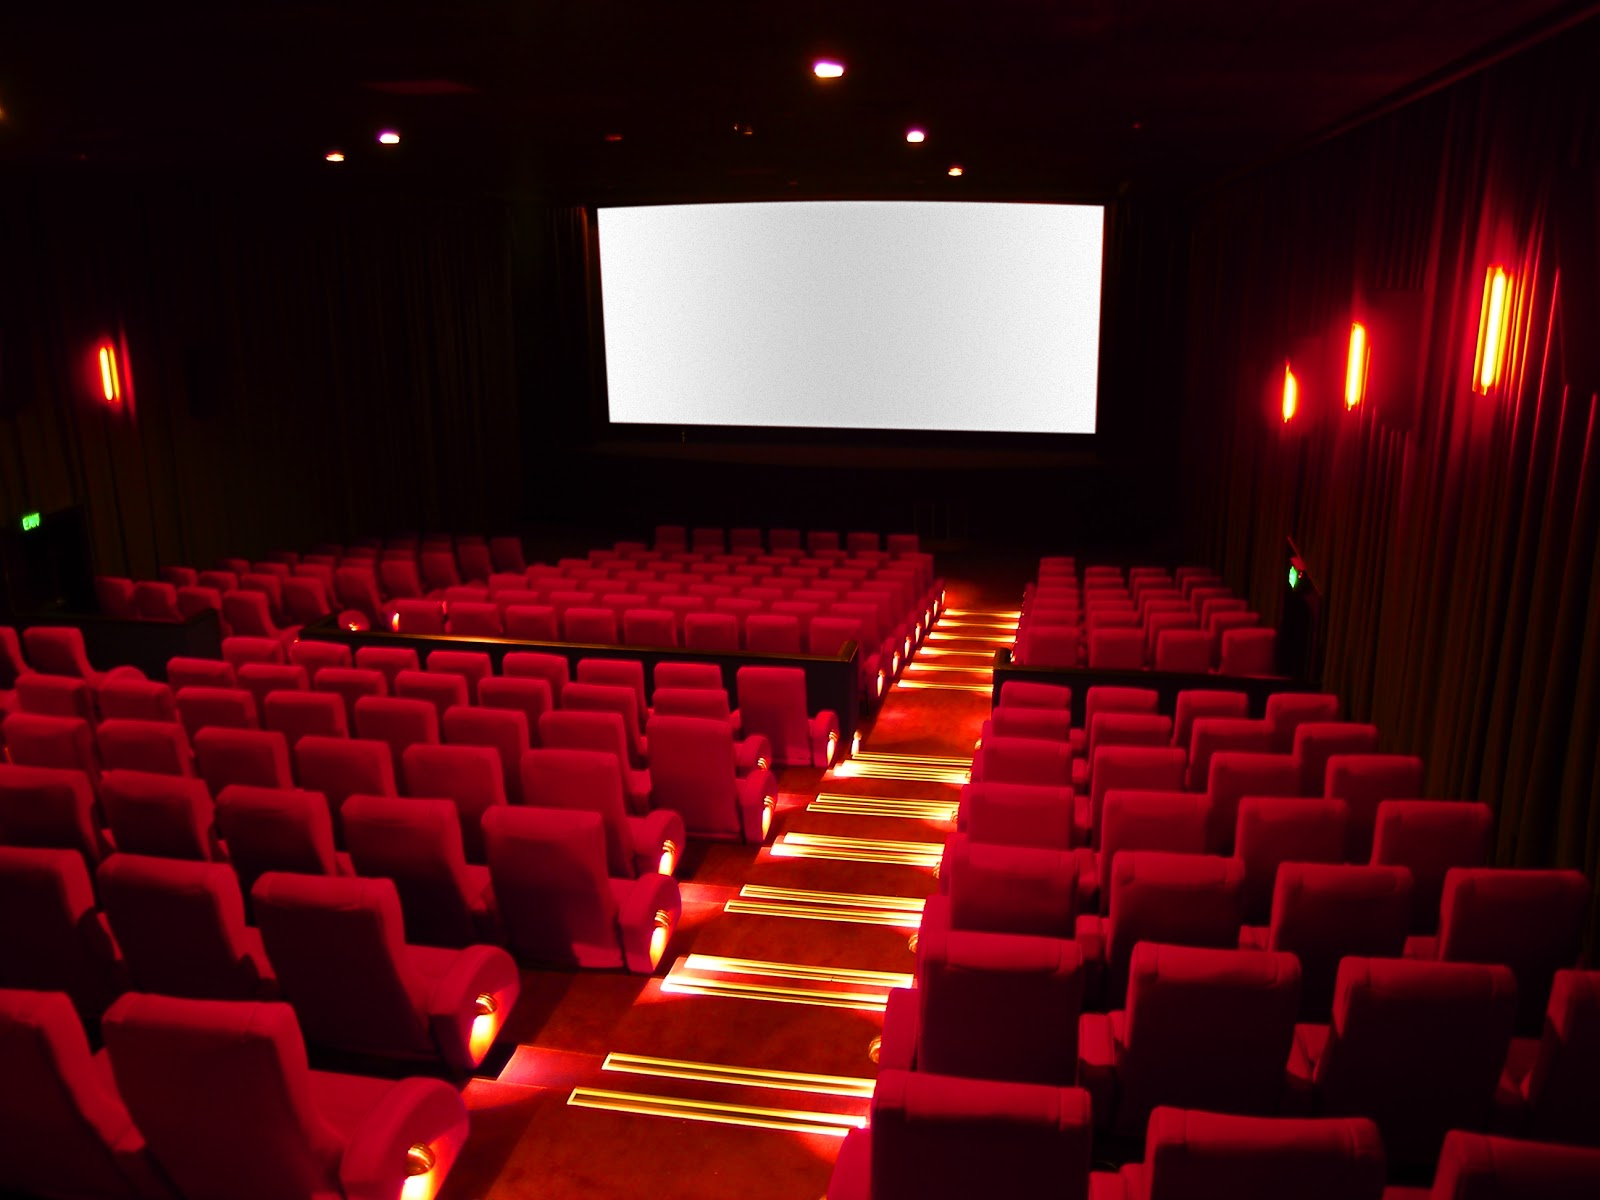 Torna il cinema a tre euro. La nuova iniziativa